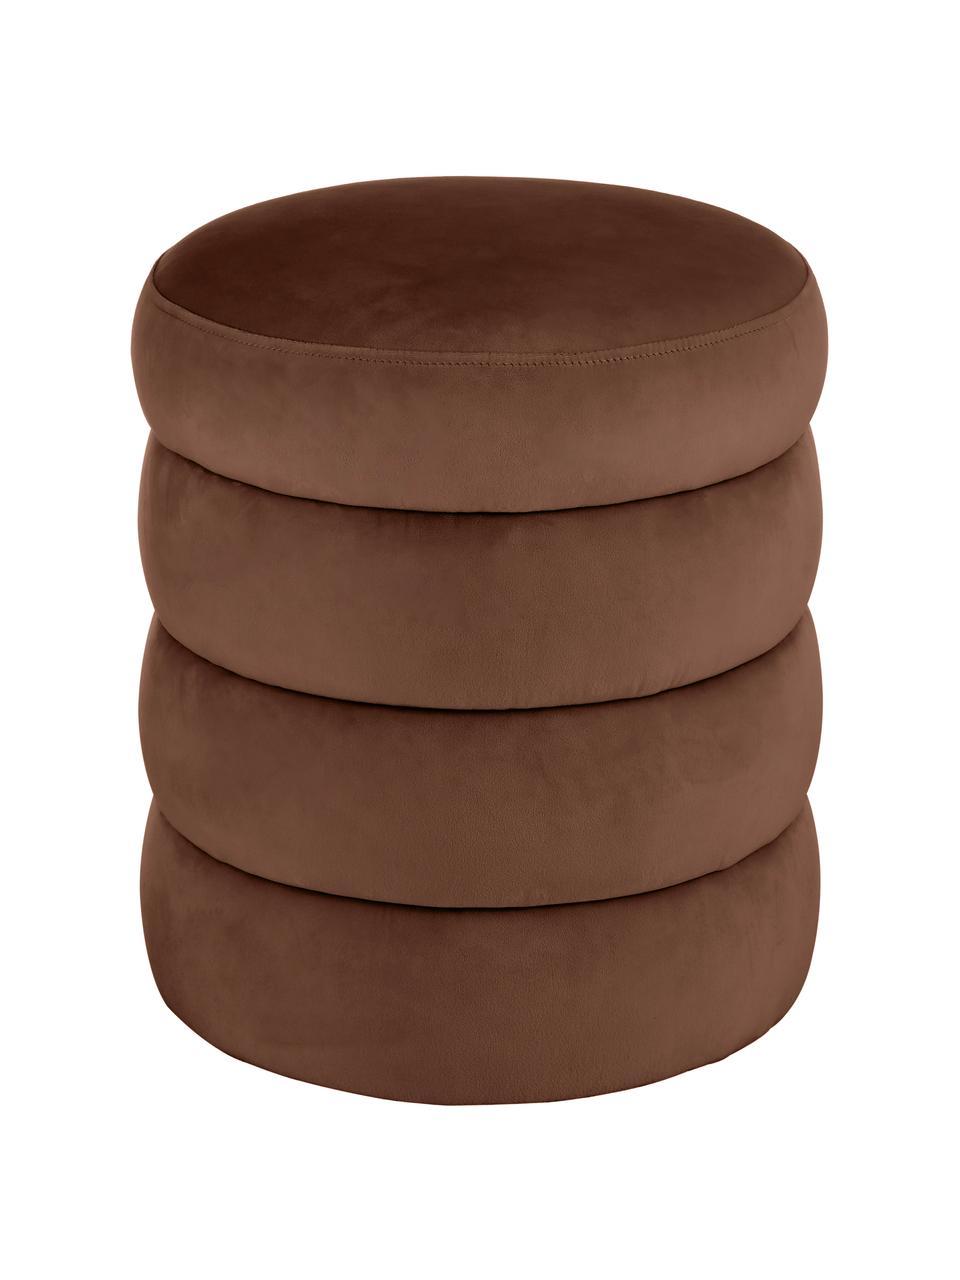 Sgabello in velluto marrone Alto, Rivestimento: velluto (100% poliestere), Struttura: legno di pino massiccio, , Velluto marrone, Ø 42 x Alt. 48 cm